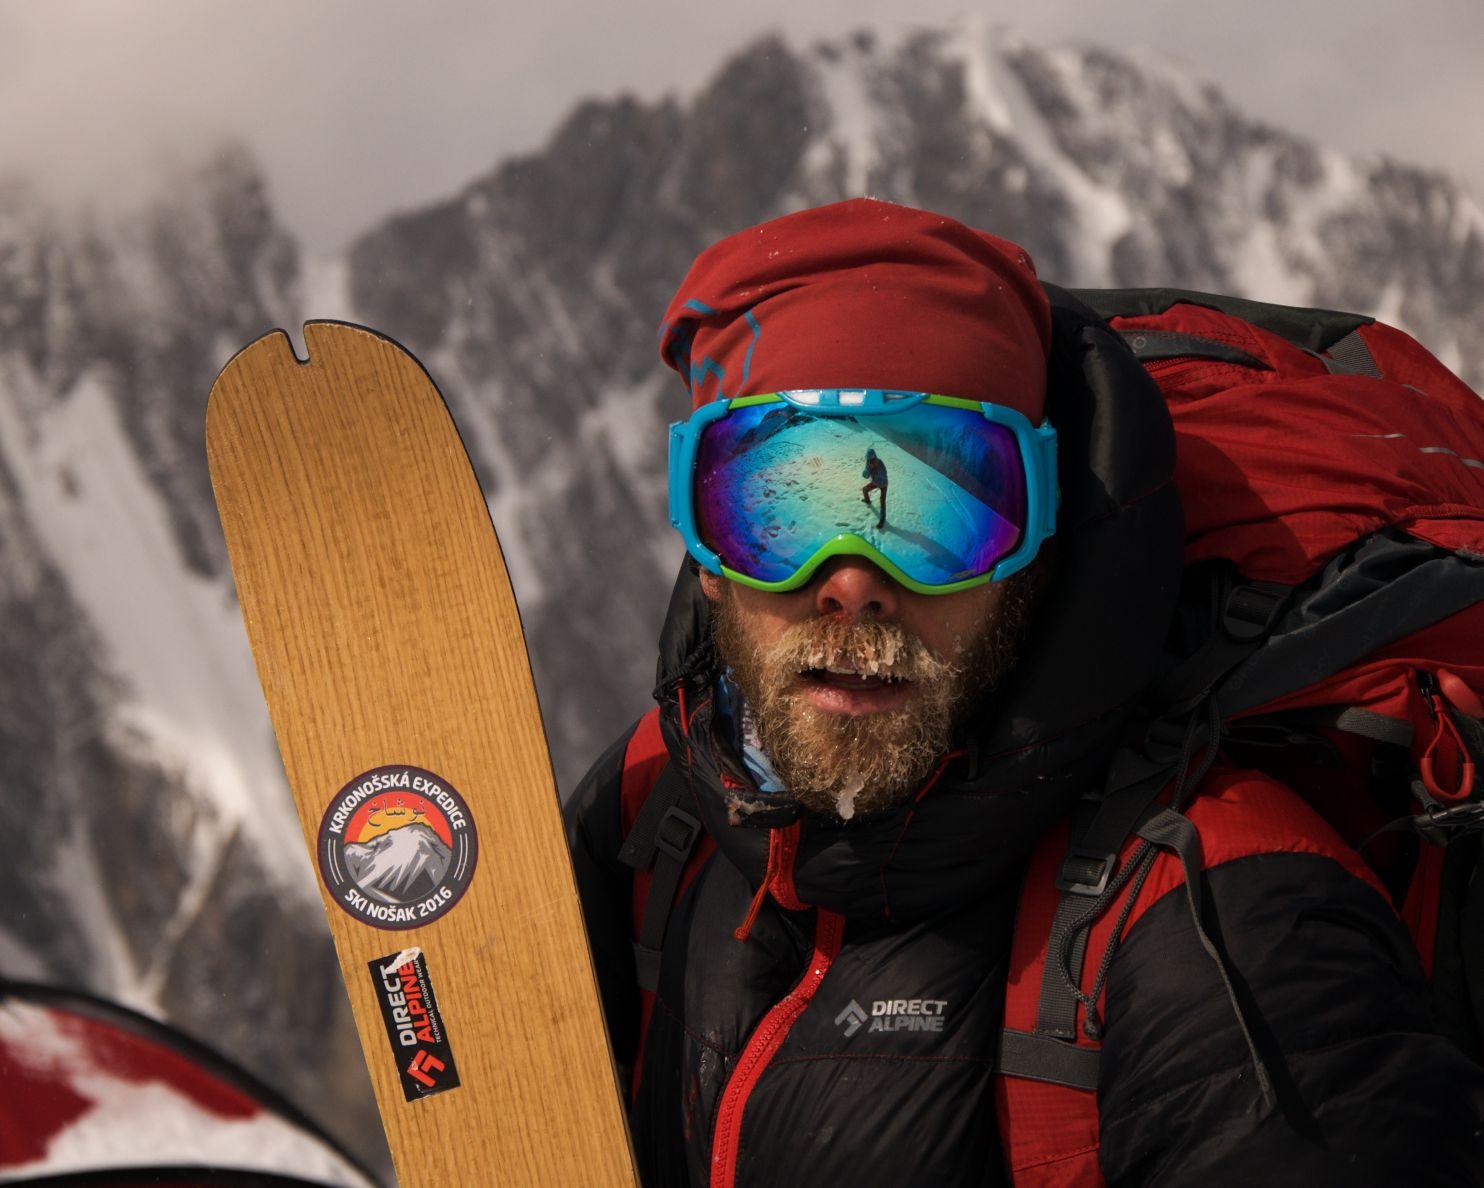 Česká dobrodružná expedice zdolala na skialpinistických lyžích afghánskou velehoru Nošak - Zdeněk Hák